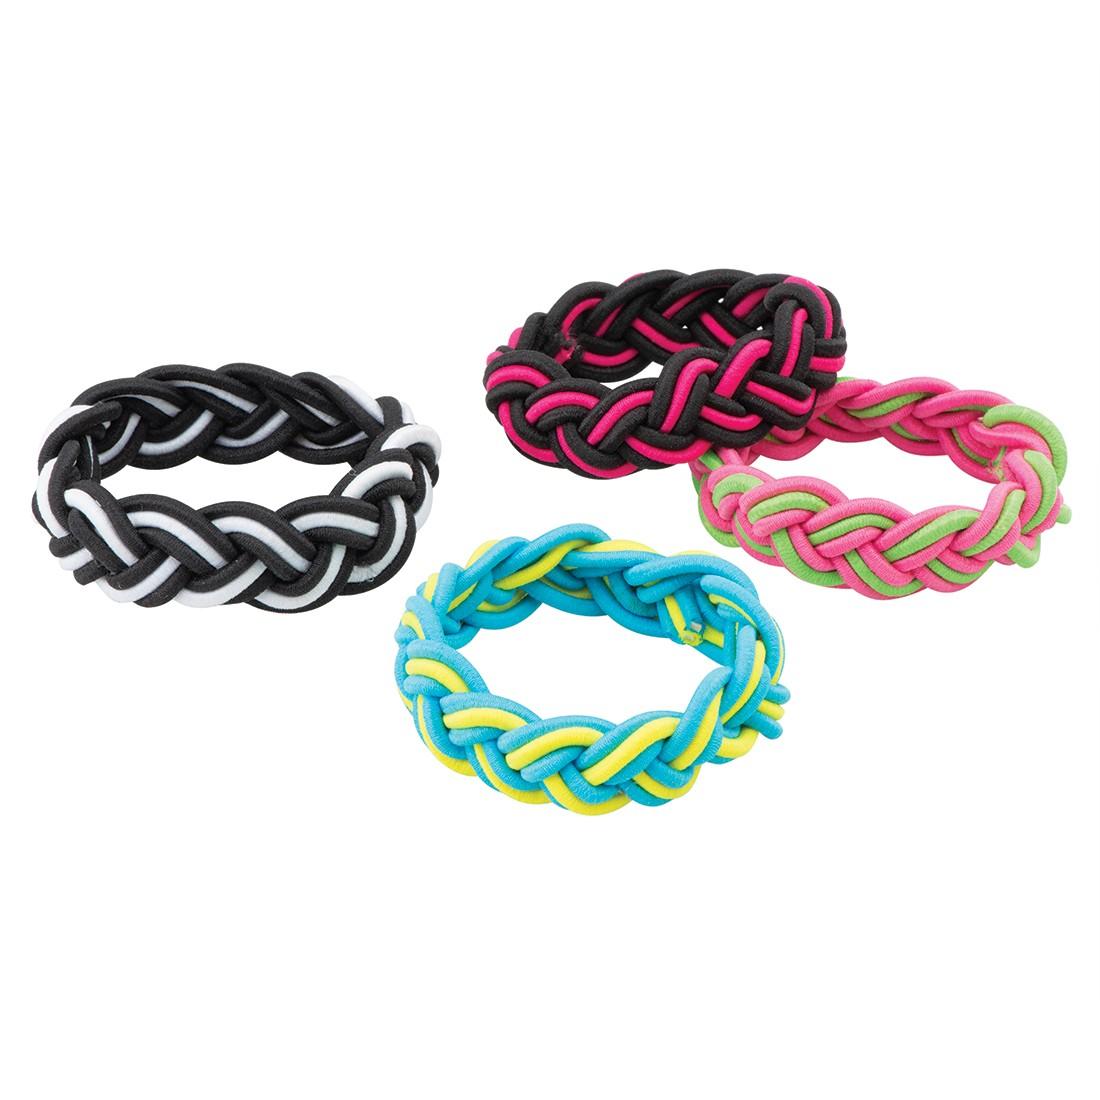 Braided Elastic Bracelets [image]